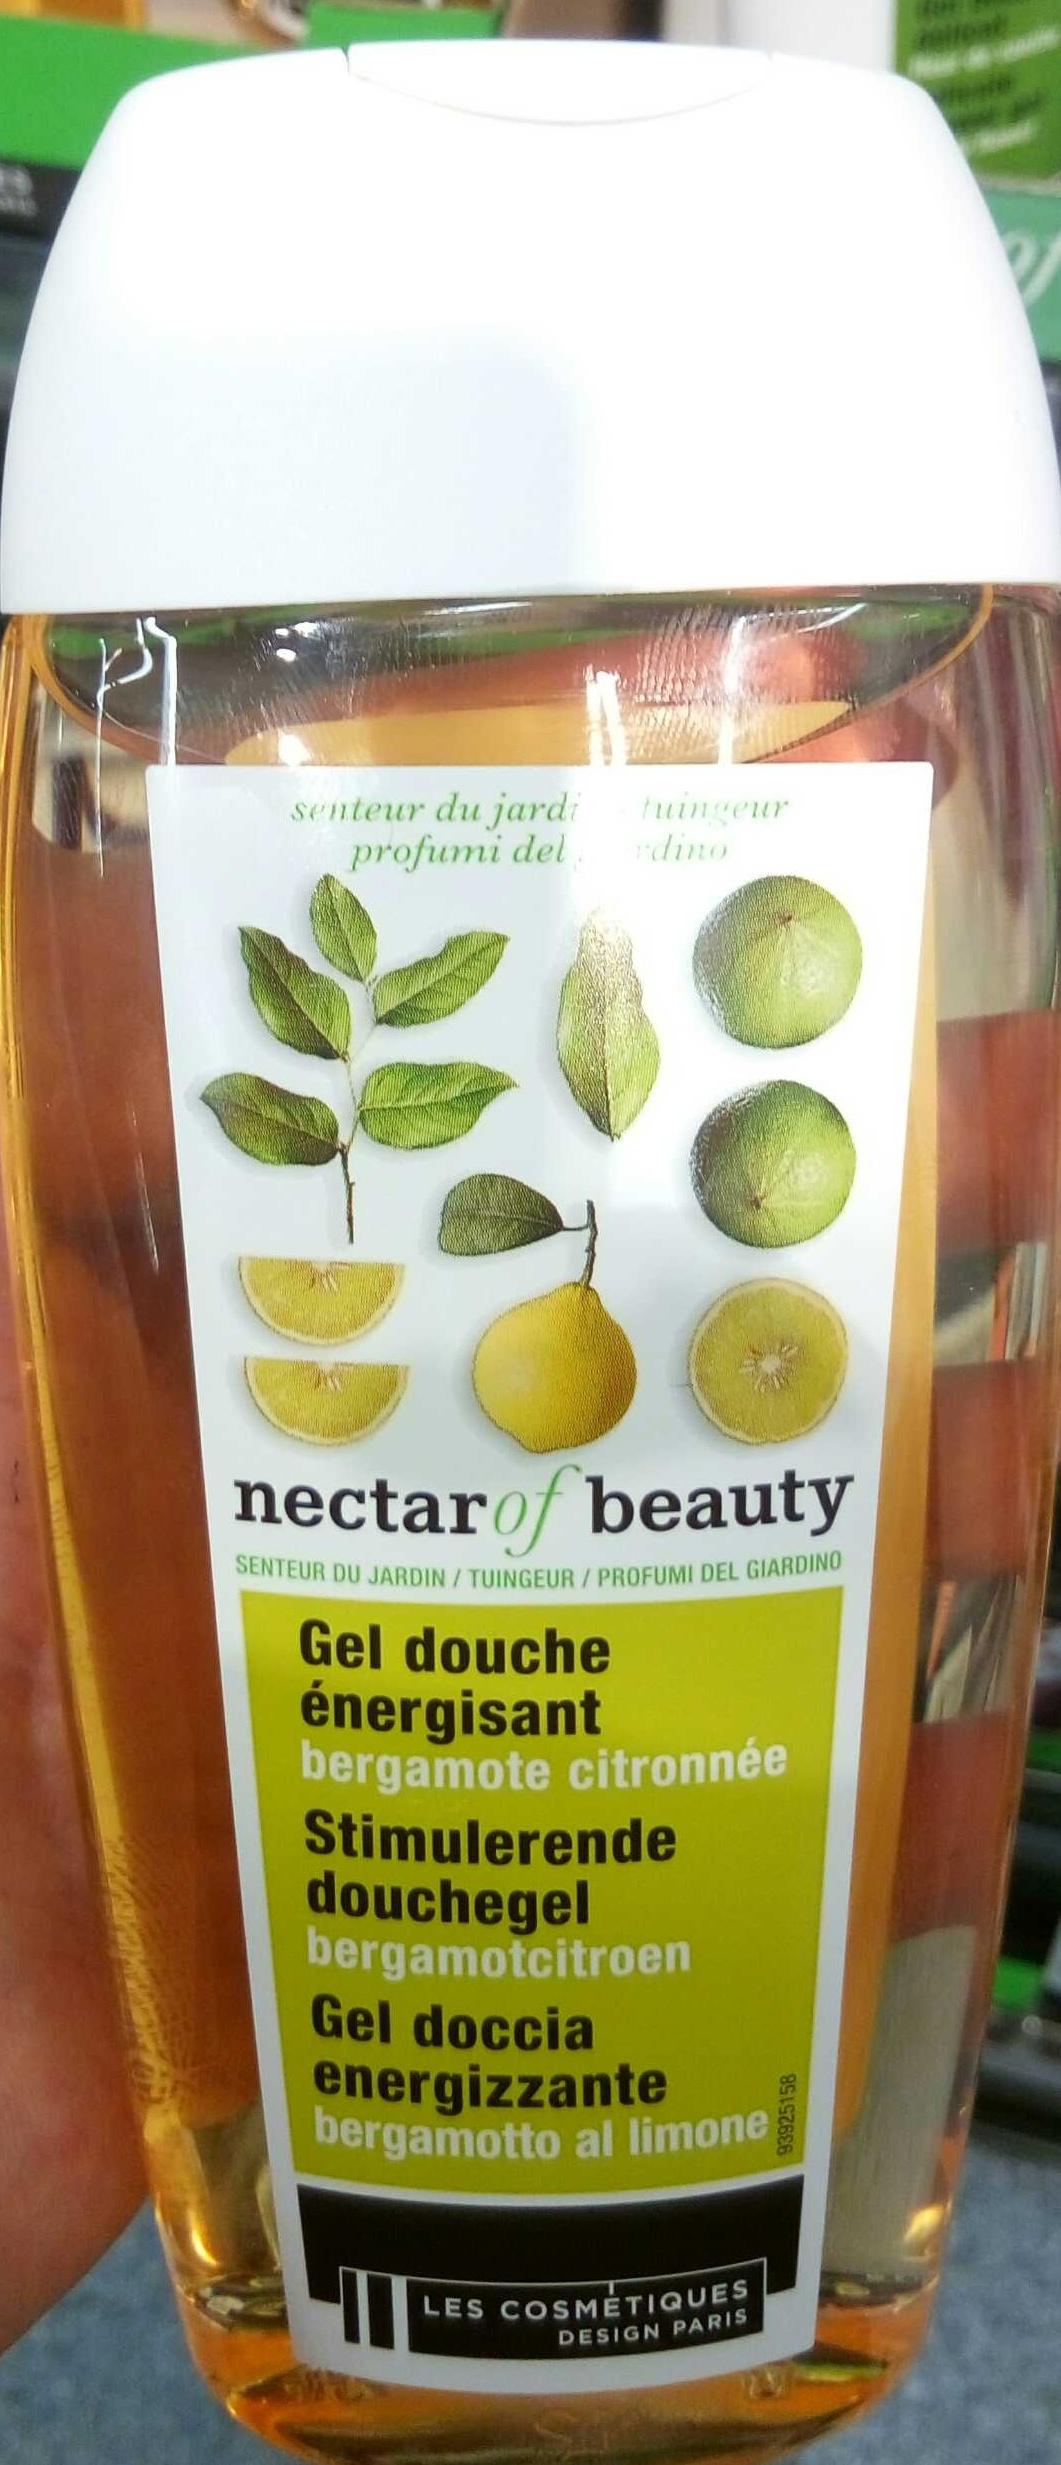 Gel douche énergisant bergamote citronnée - Produit - fr